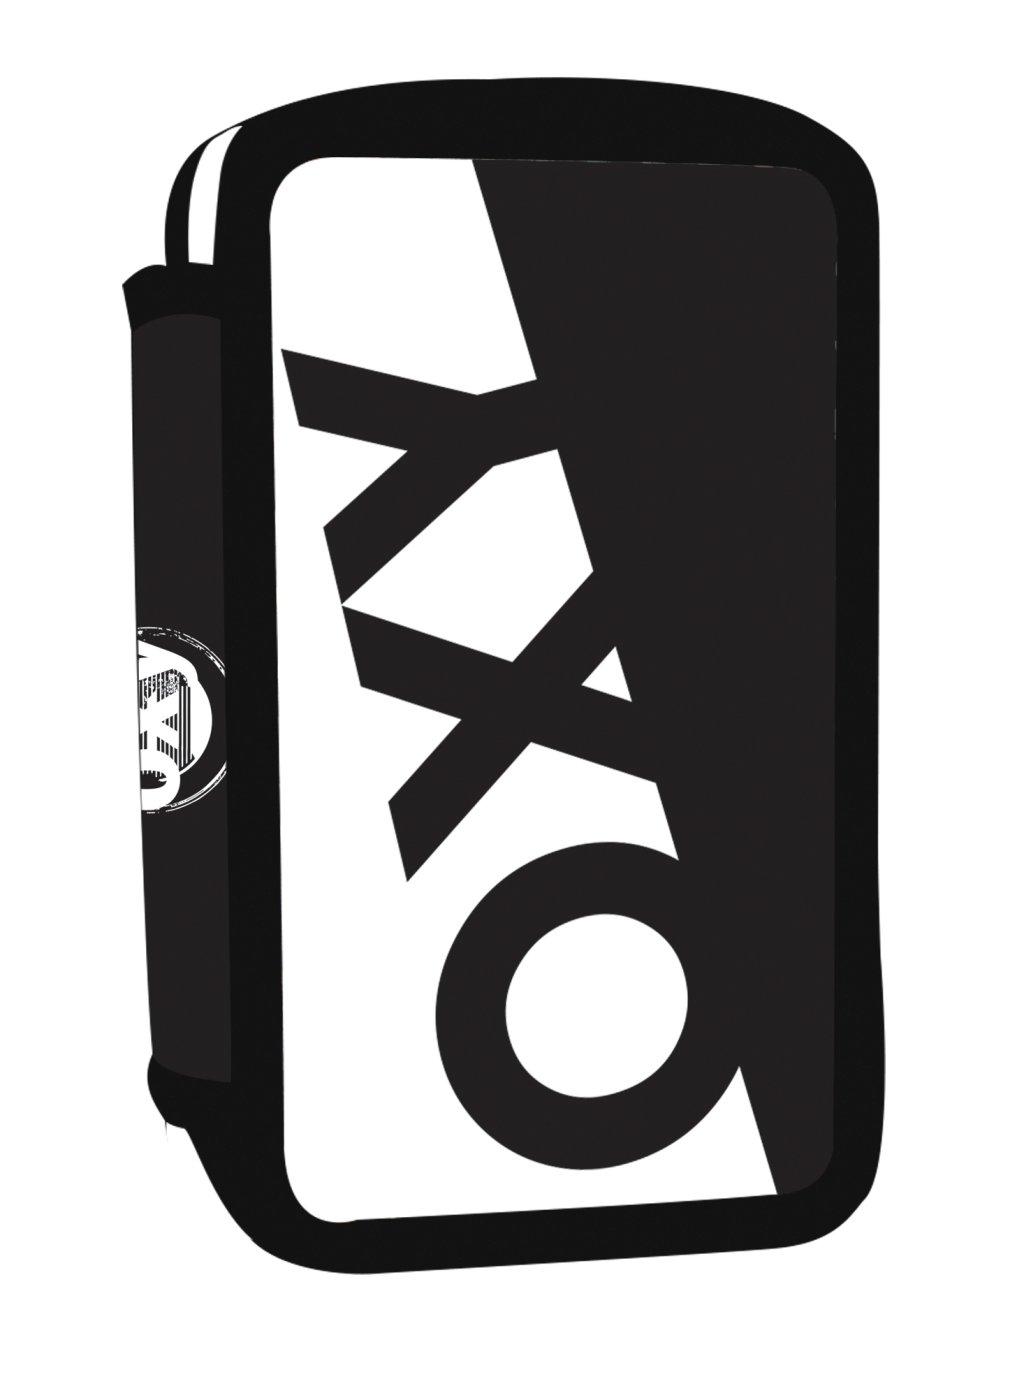 Penál 3 p. prázdný OXY NEON LINE Black   White - Školní potřeby ... 62d3a9f60f